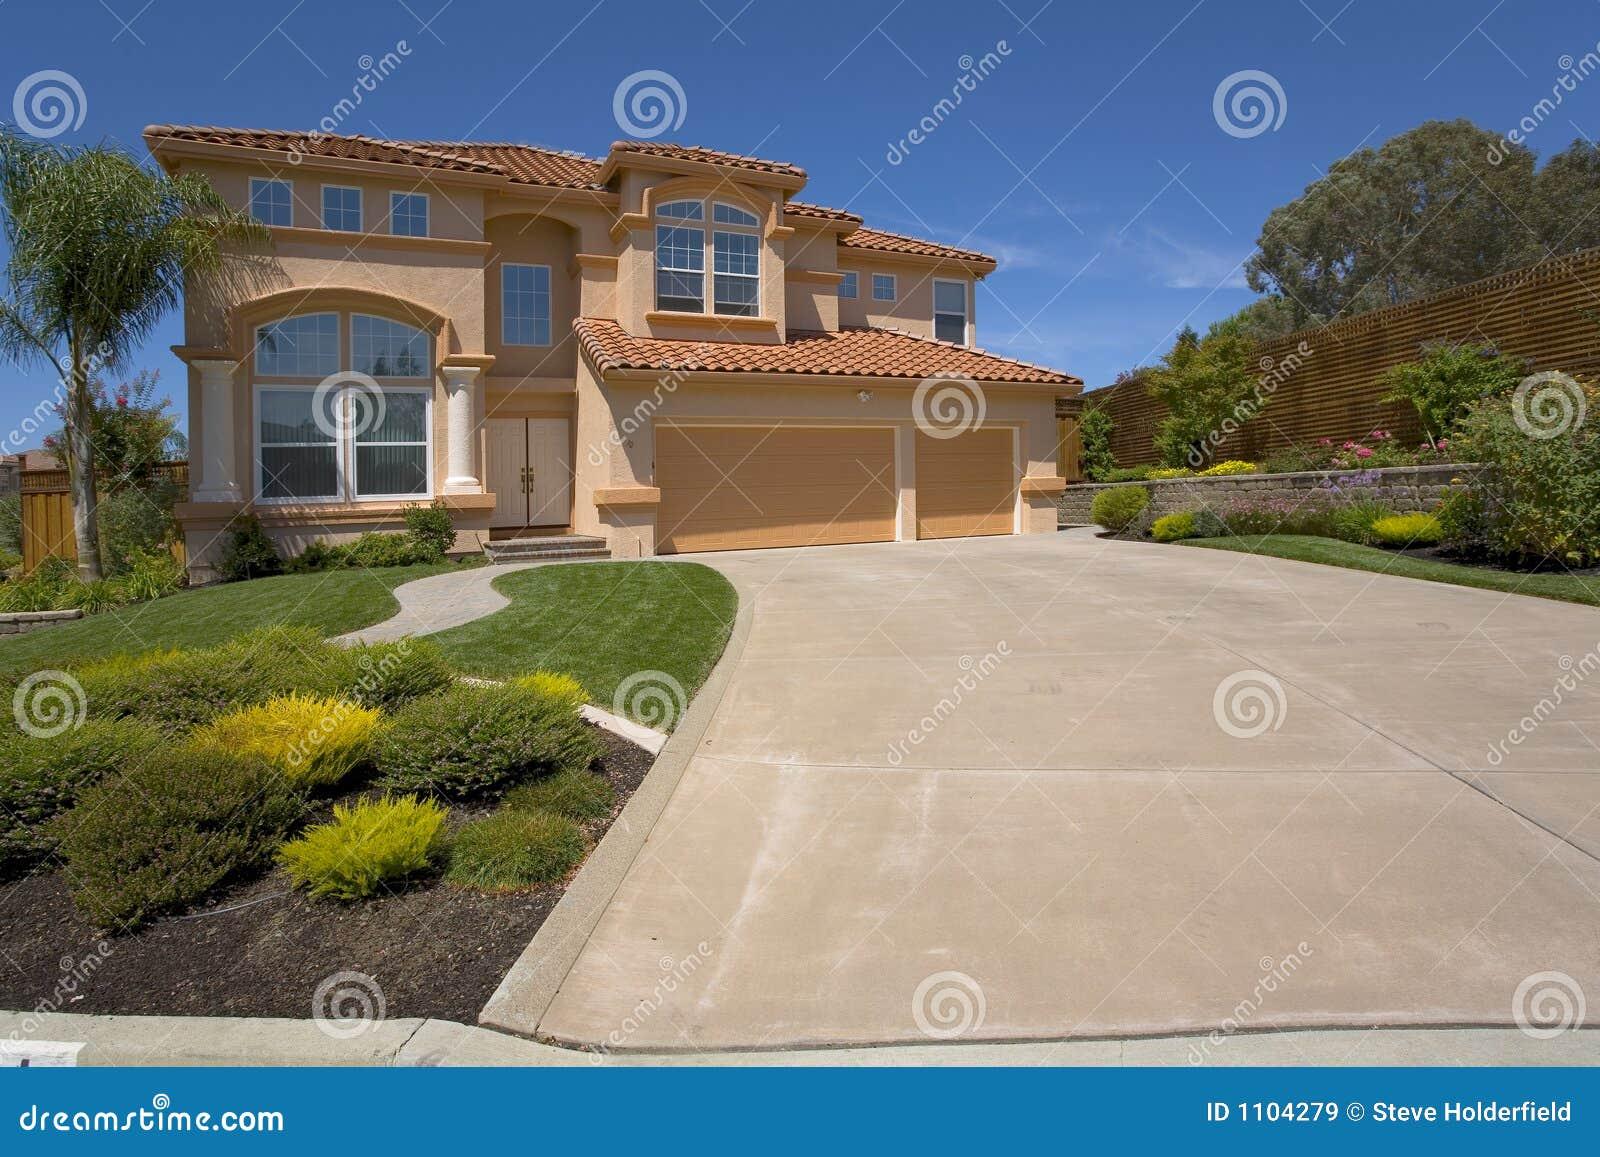 Photo Maison Mediterraneenne photo maison mediterraneenne – design à la maison